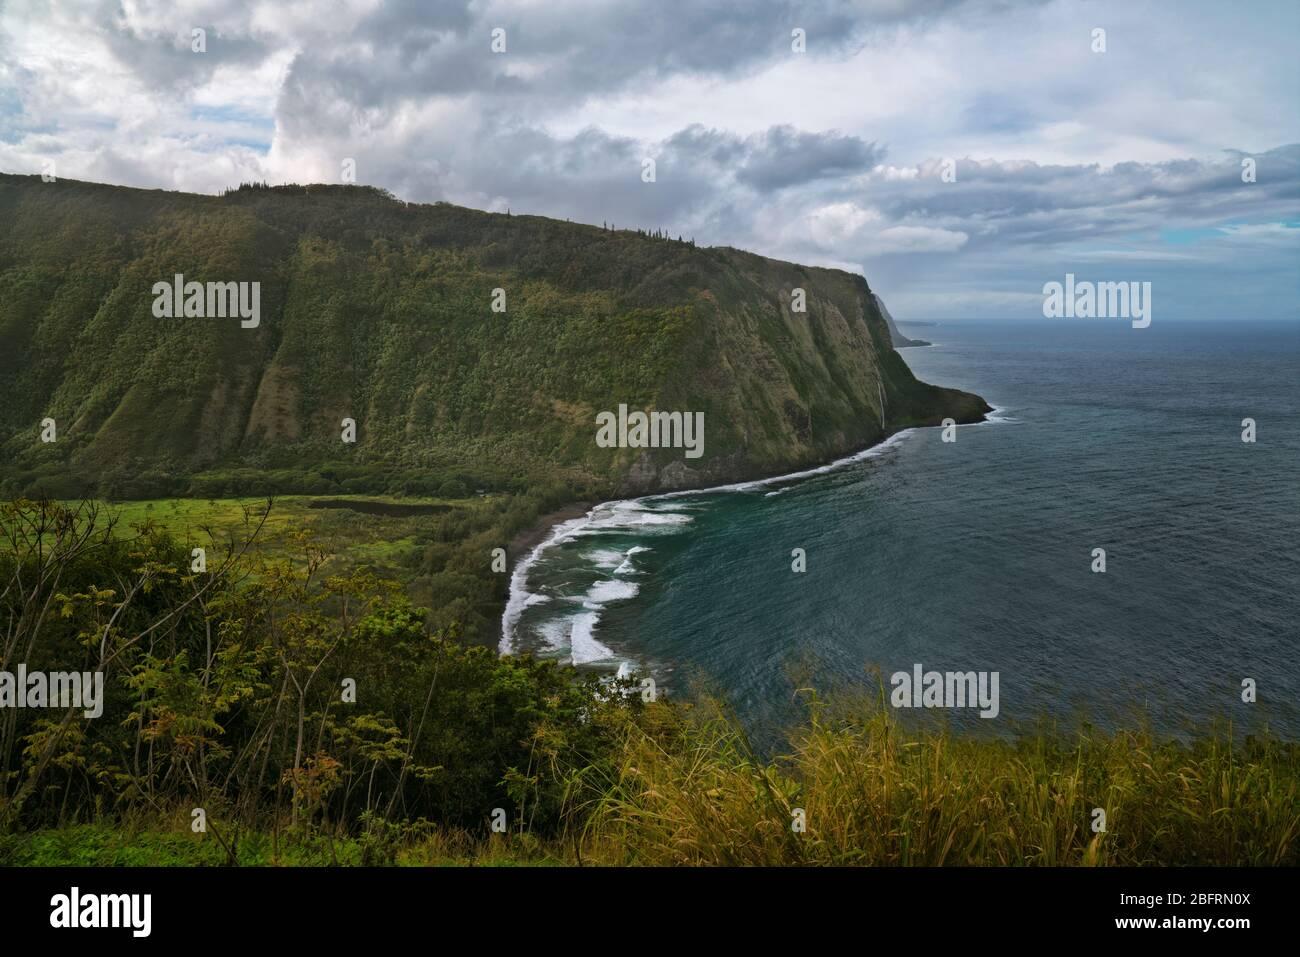 Les pauses de l'après-midi et les nuages de tempête passent au-dessus de la vallée de Waipio, avec cette vue magnifique le long de la côte de Hamakua sur la Grande île d'Hawaï. Banque D'Images